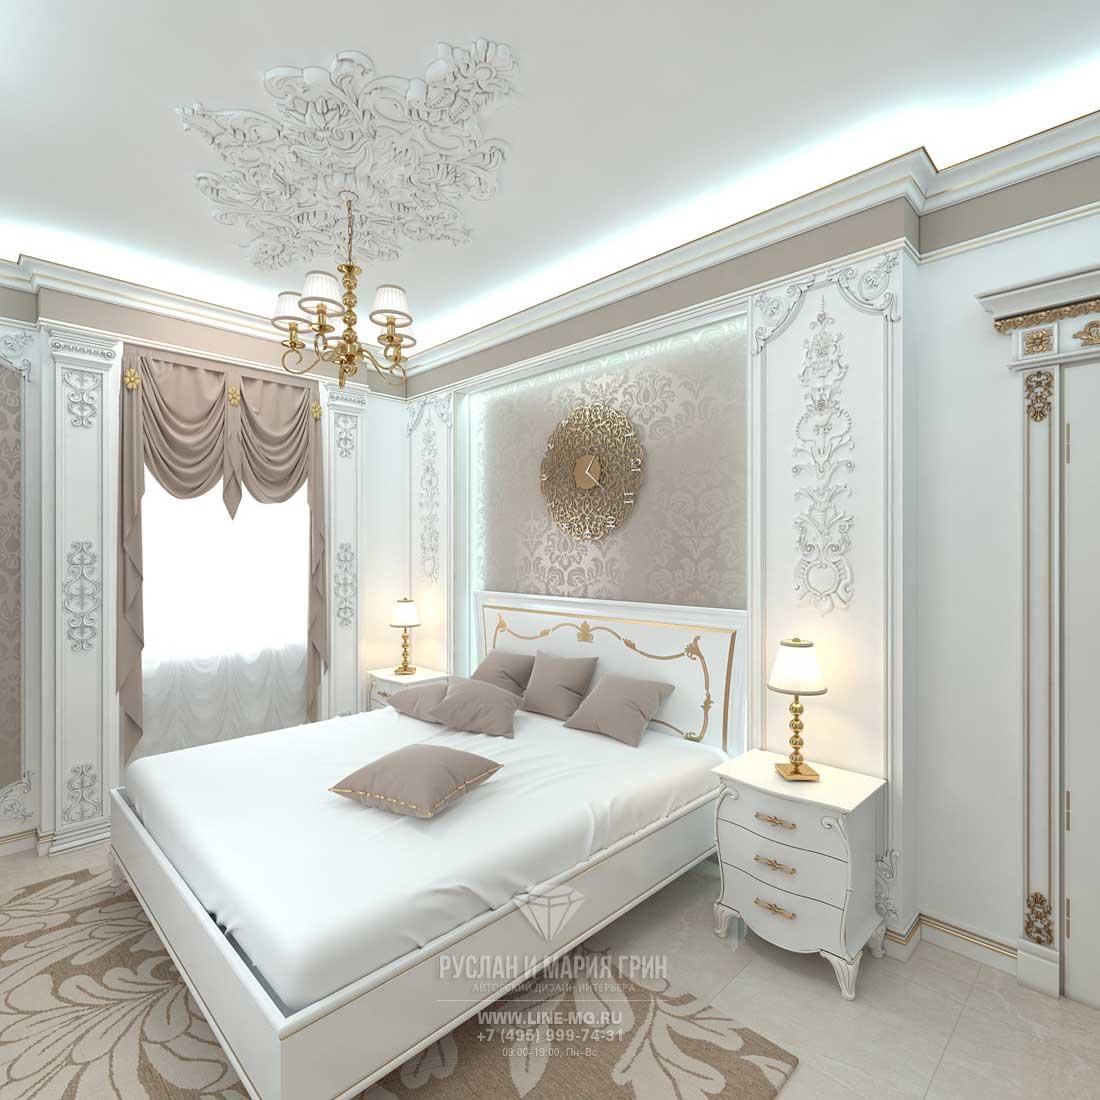 Дизайн спальни фото 2016 классика